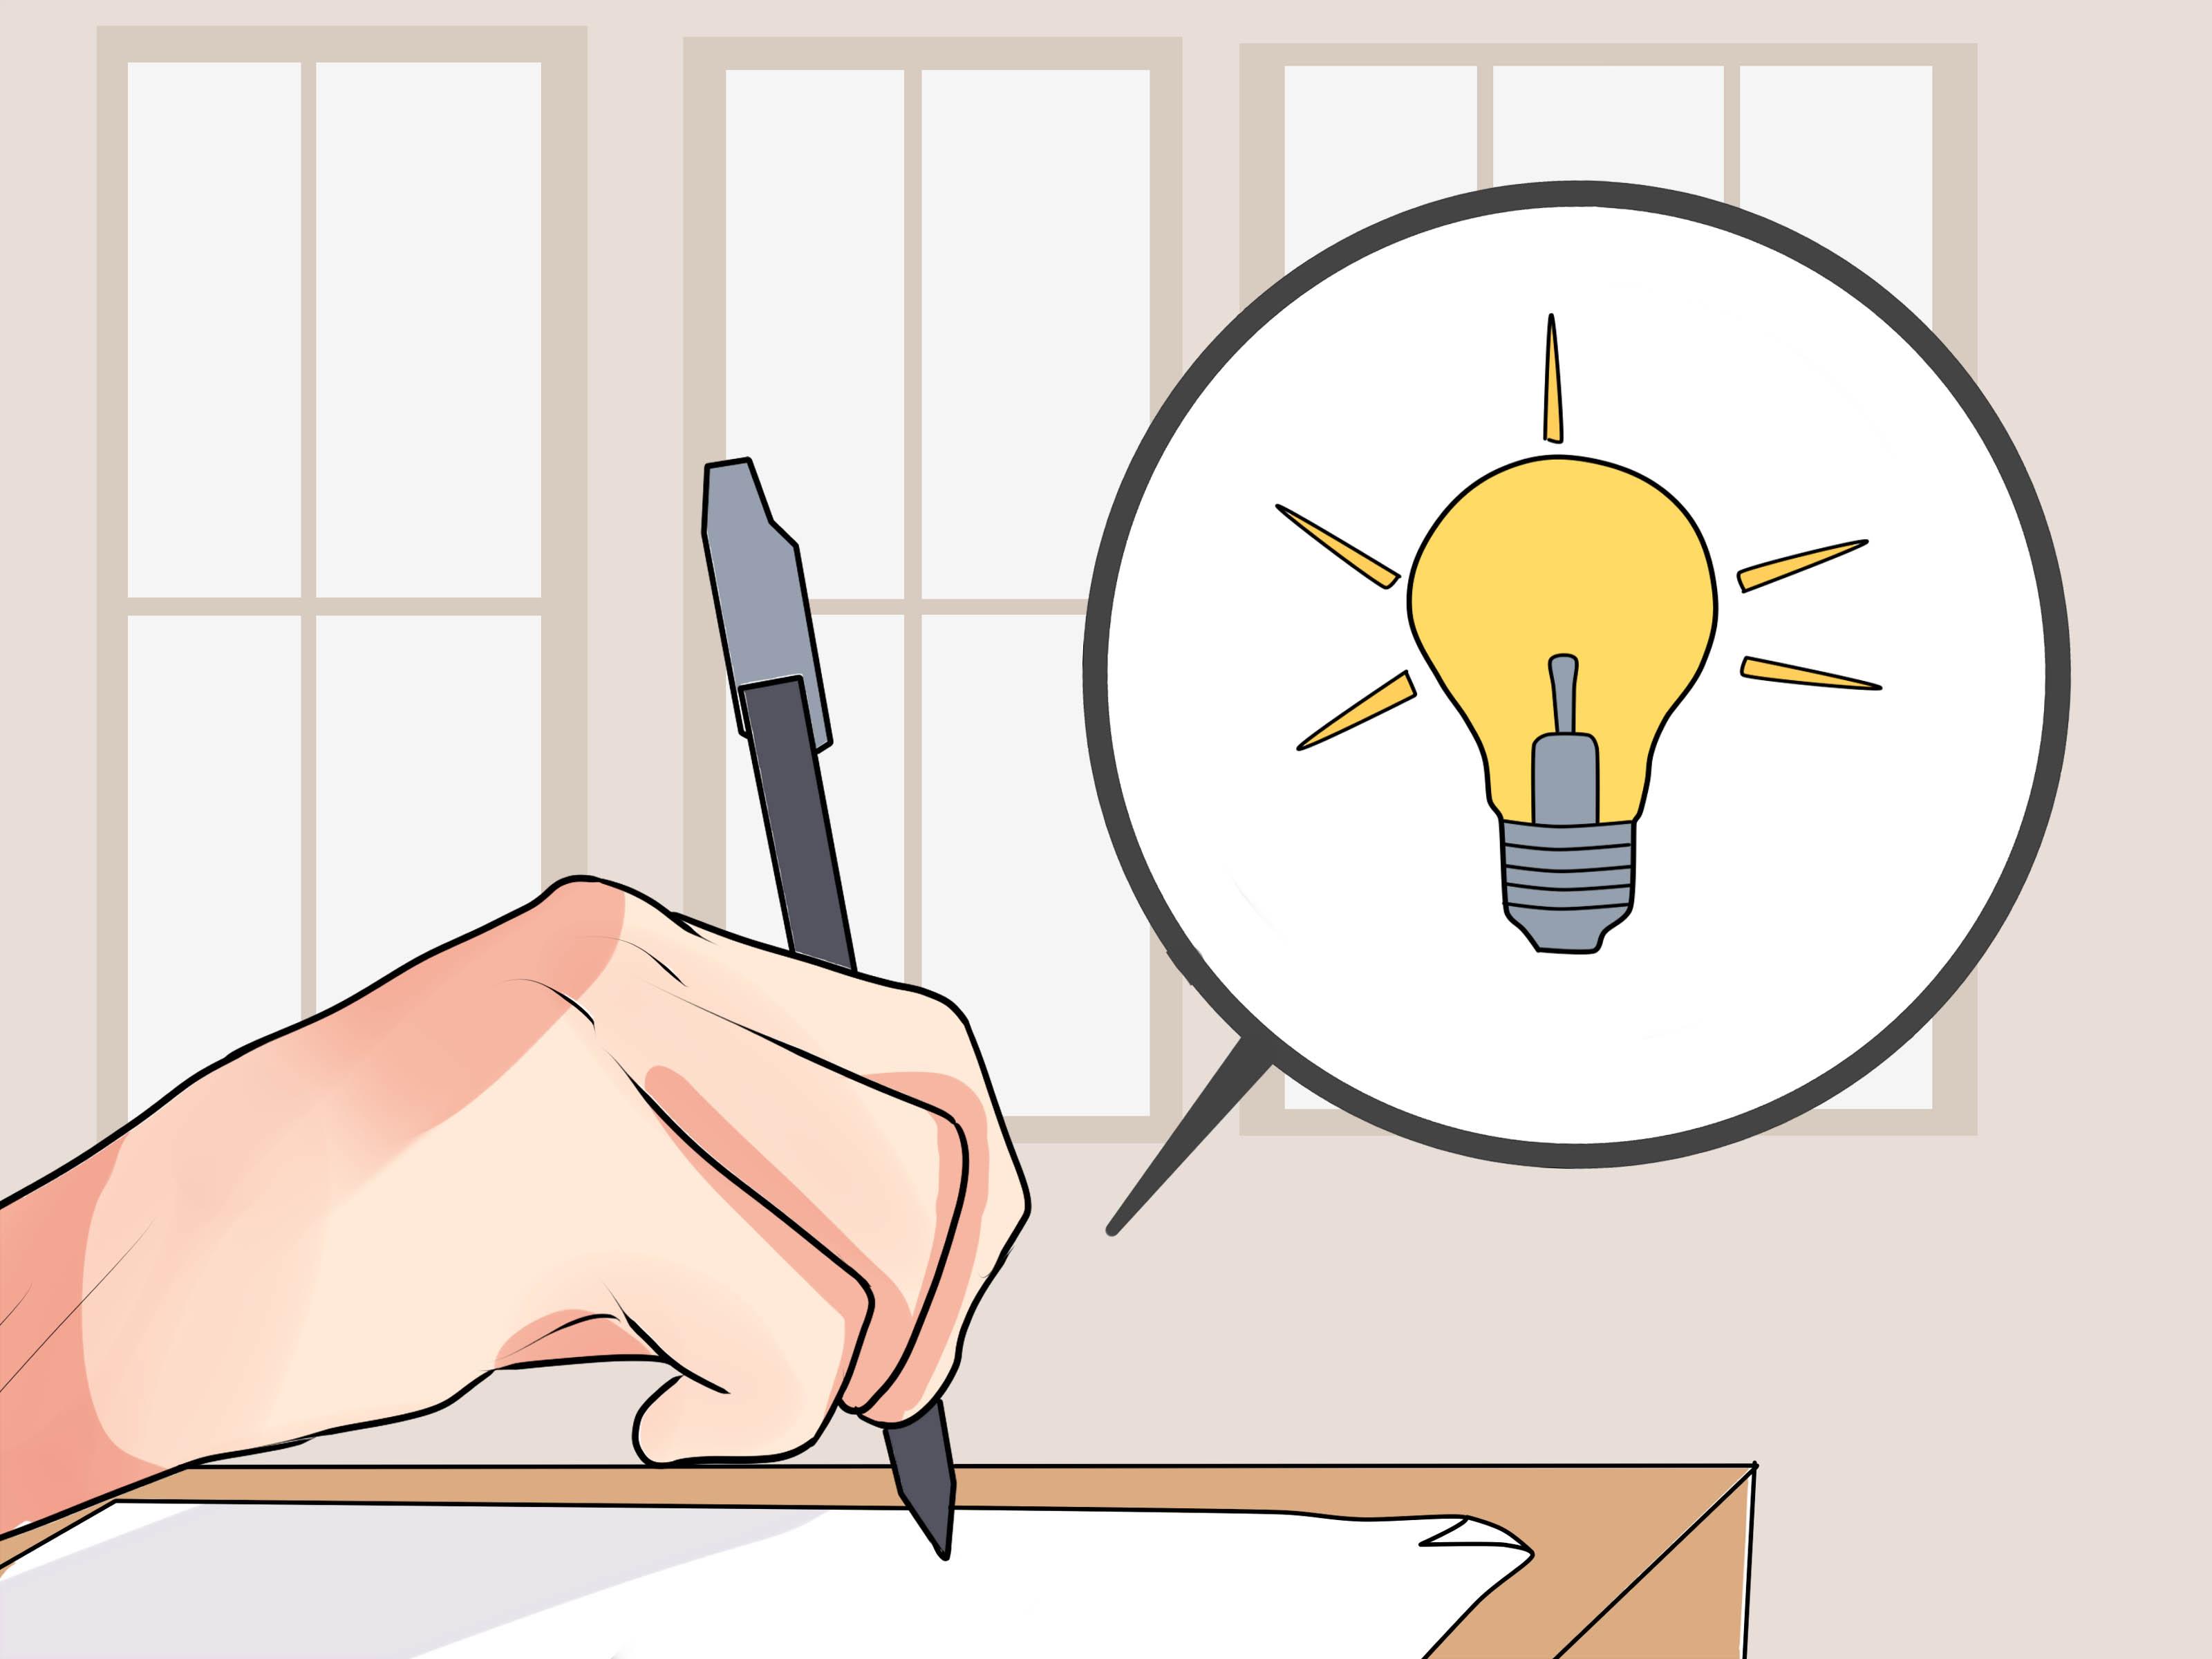 Qui trình kĩ thuật lập kế hoạch là gì? Qui trình kĩ thuật lập kế hoạch phát triển kinh tế - xã hội  - Ảnh 1.